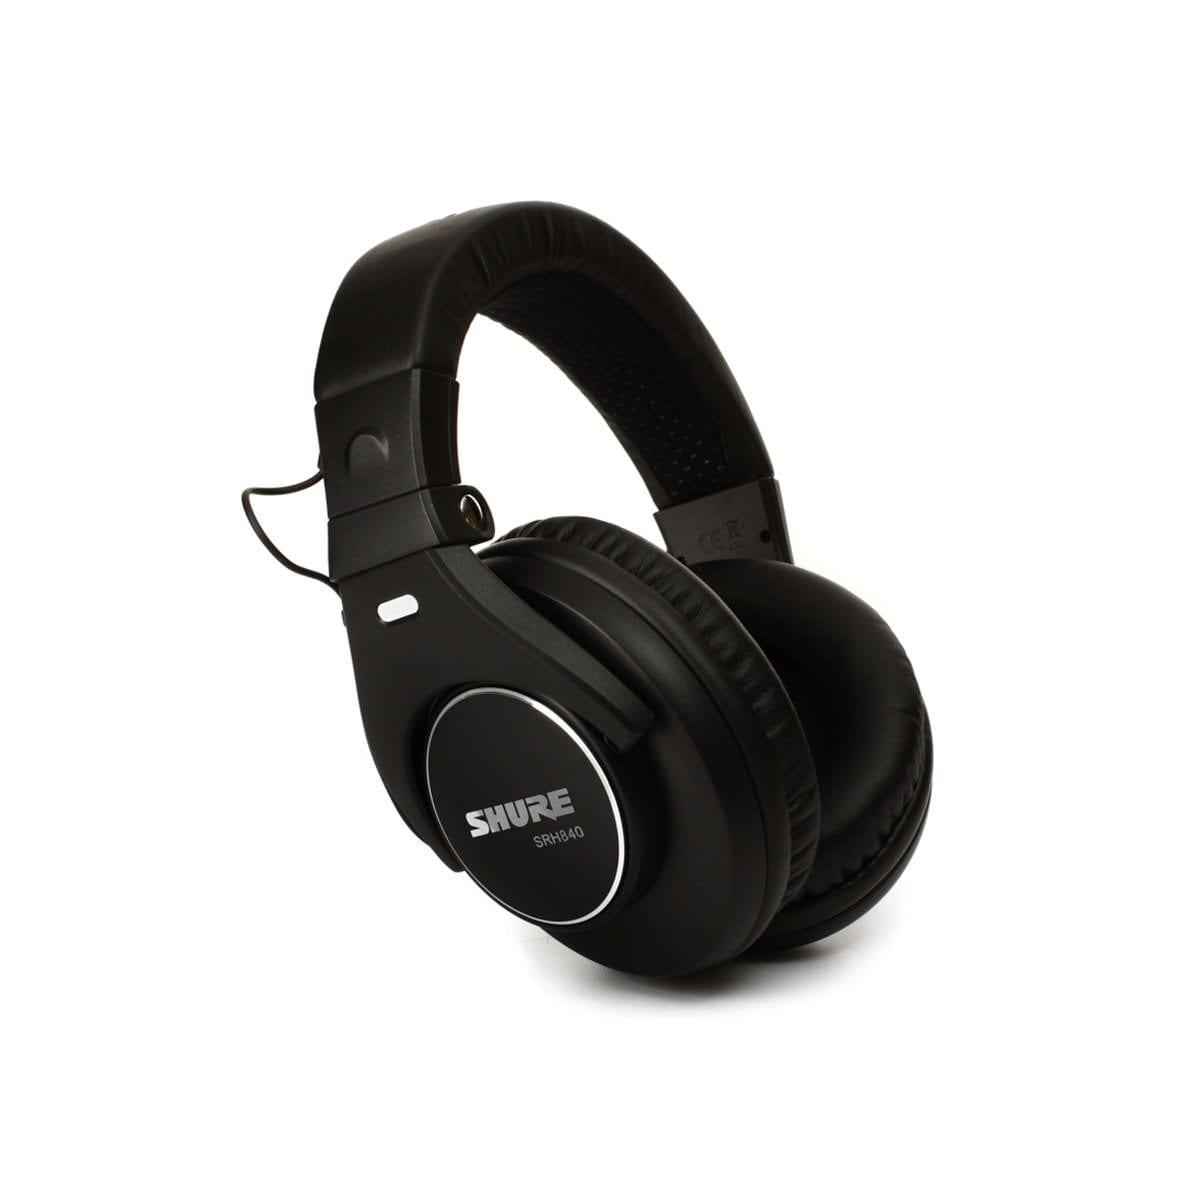 Shure SRH 840 Studio Headphones